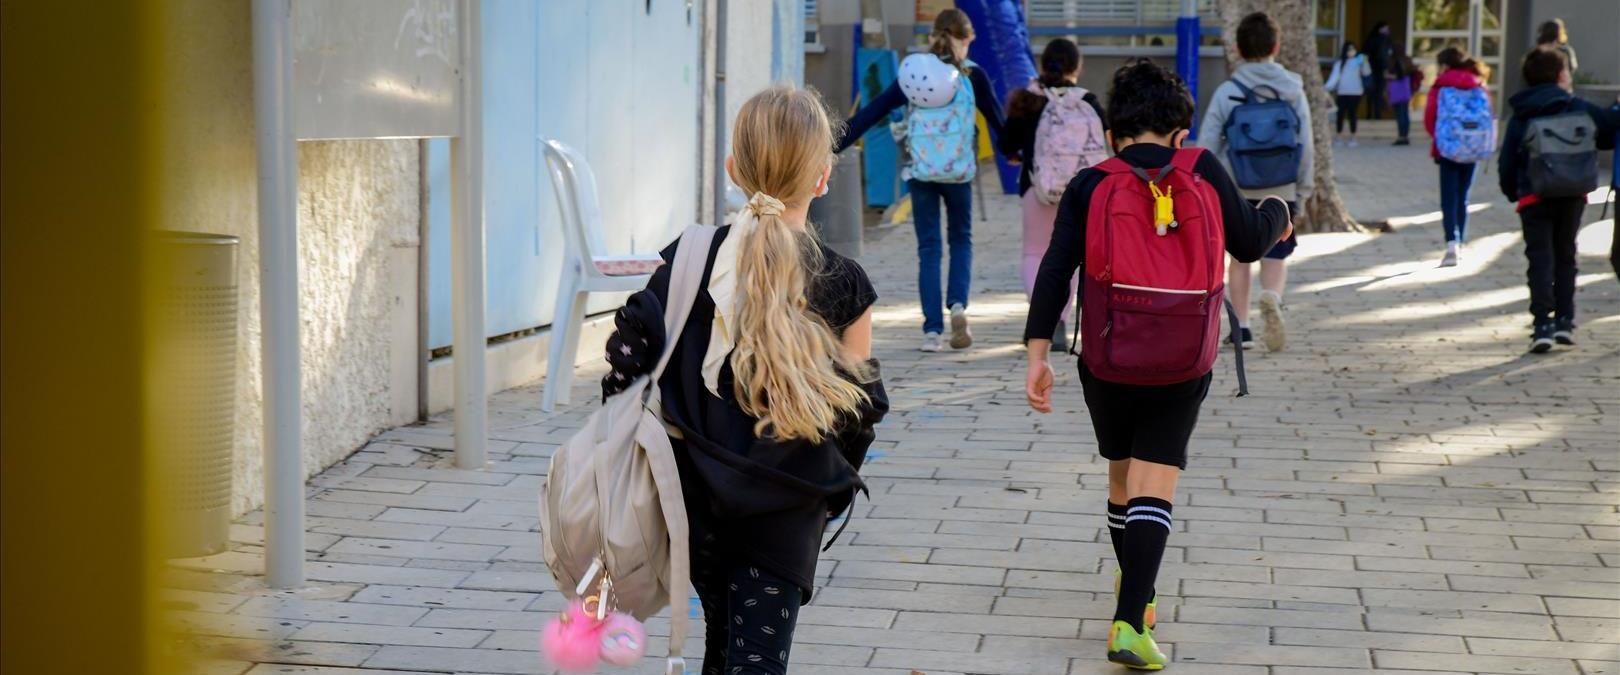 תלמידים חוזרים ללימודים בתל אביב